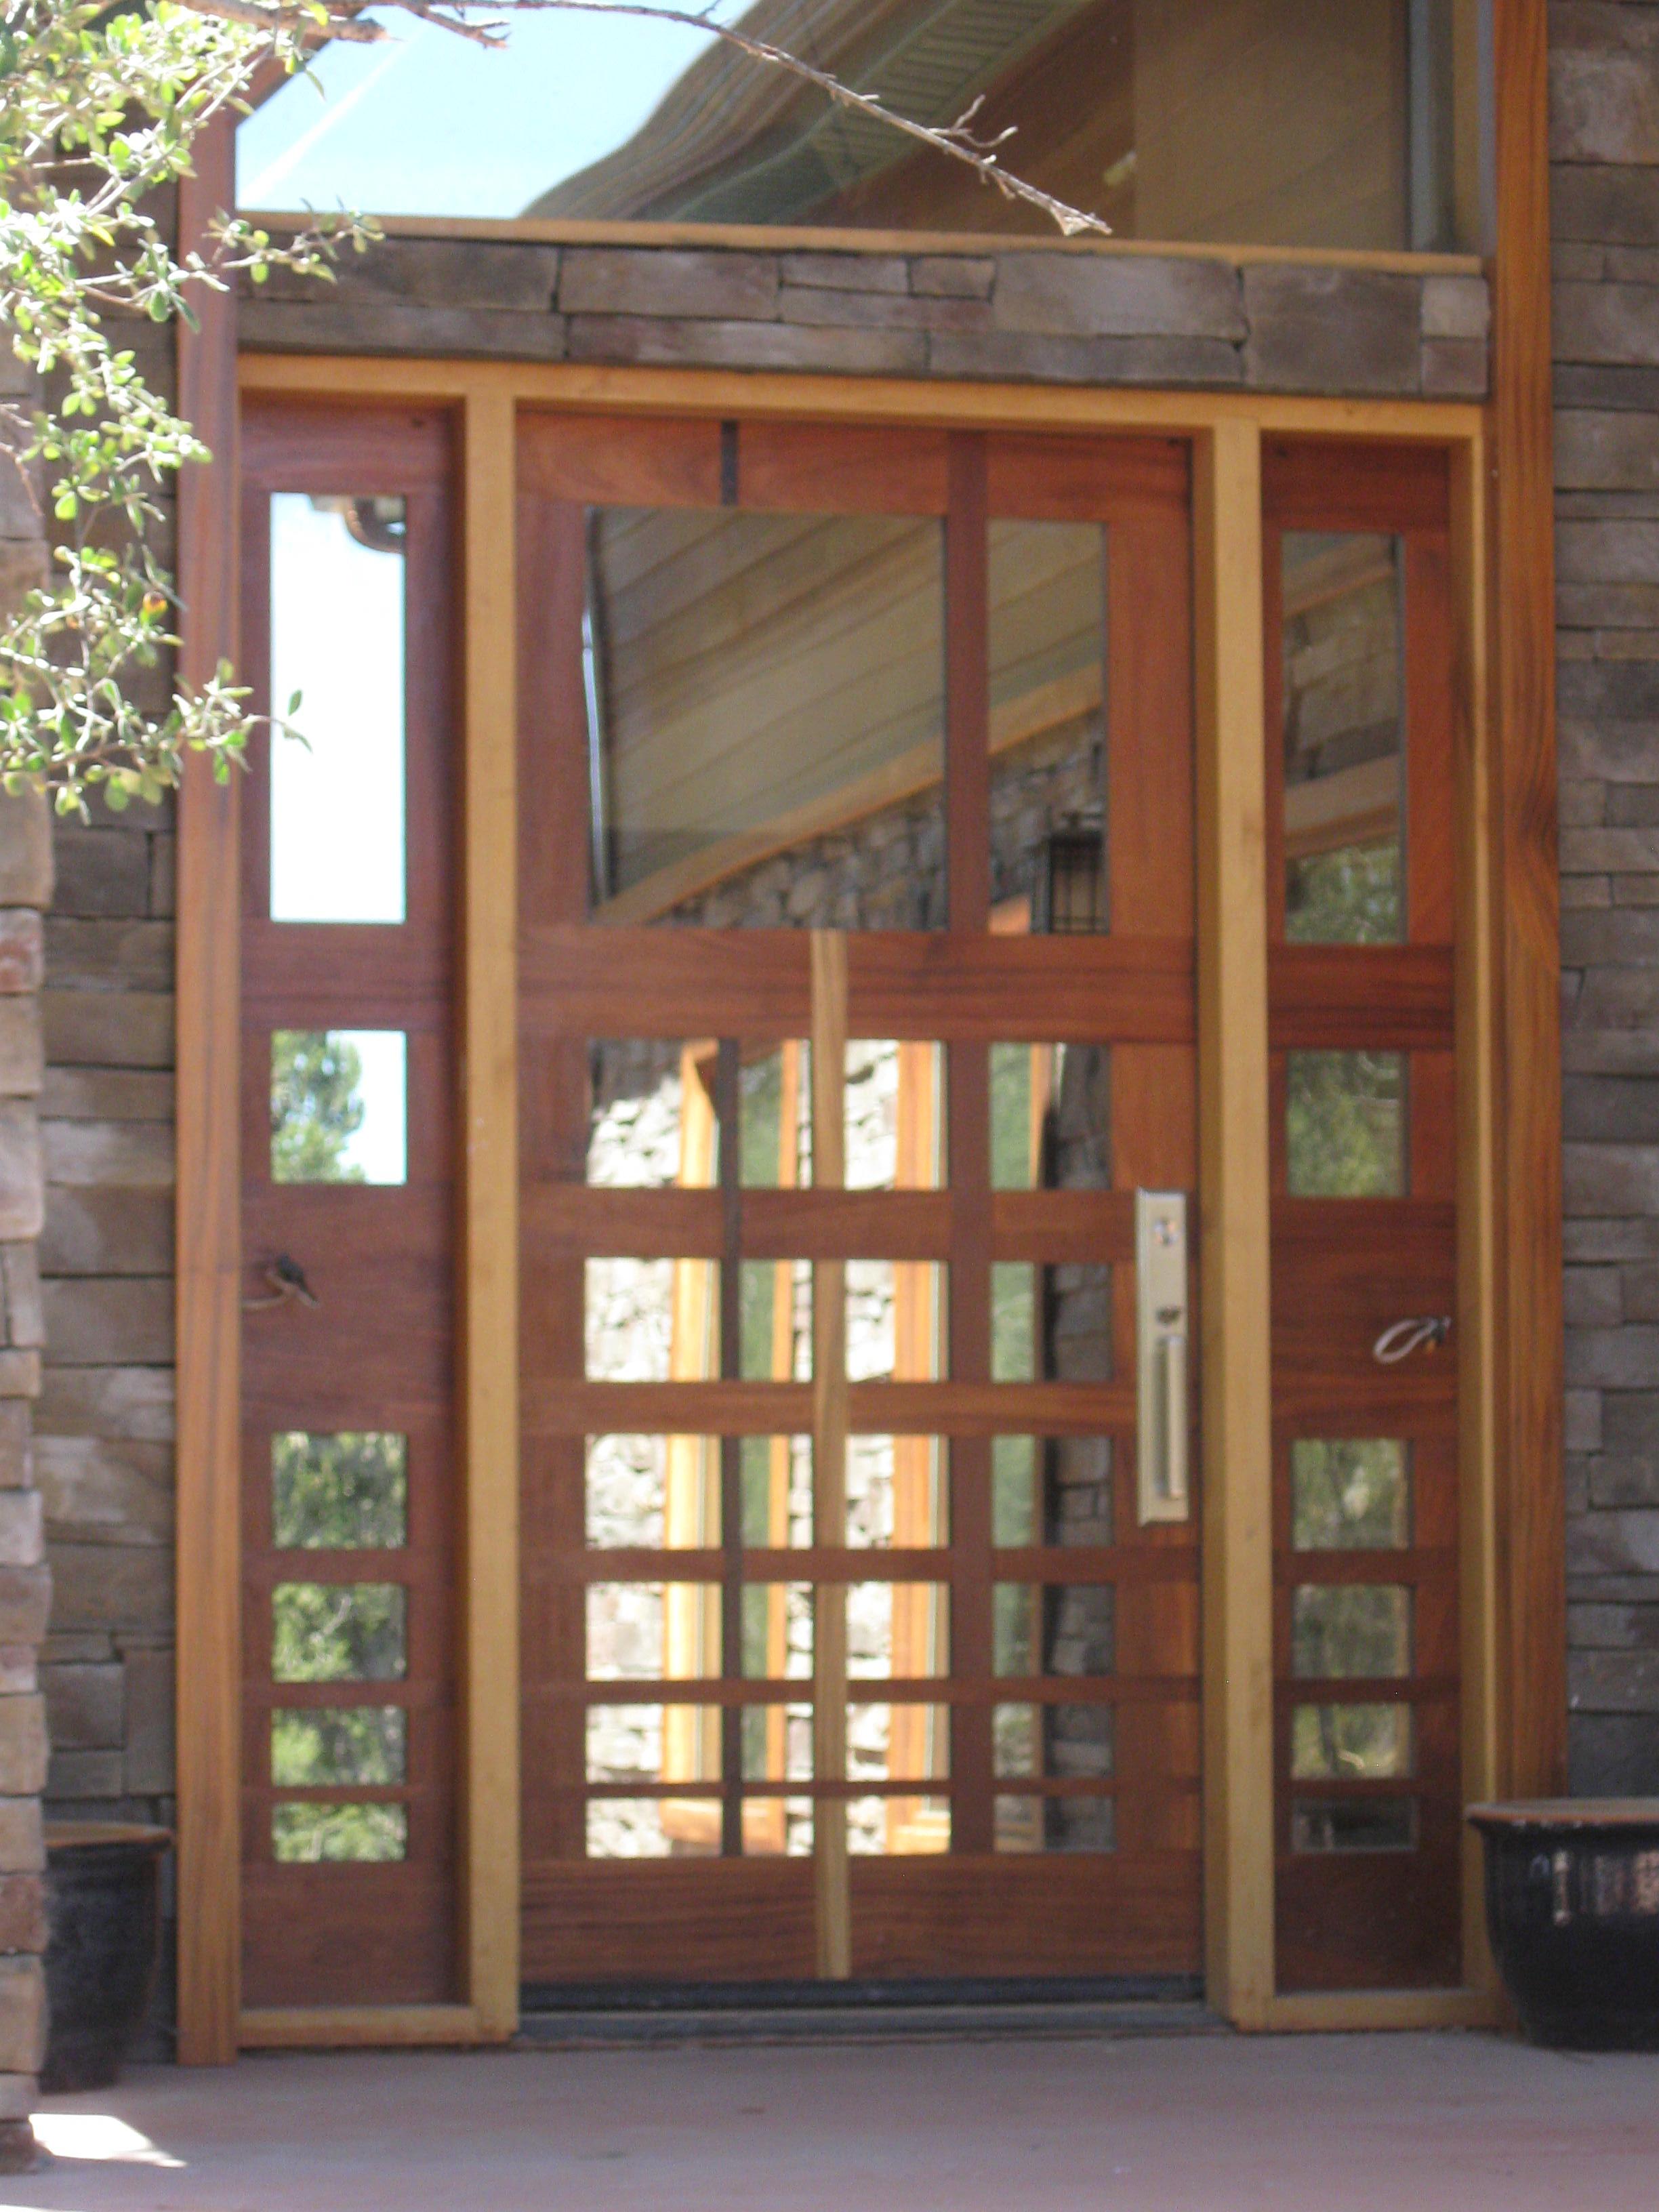 Leutwyler Entry